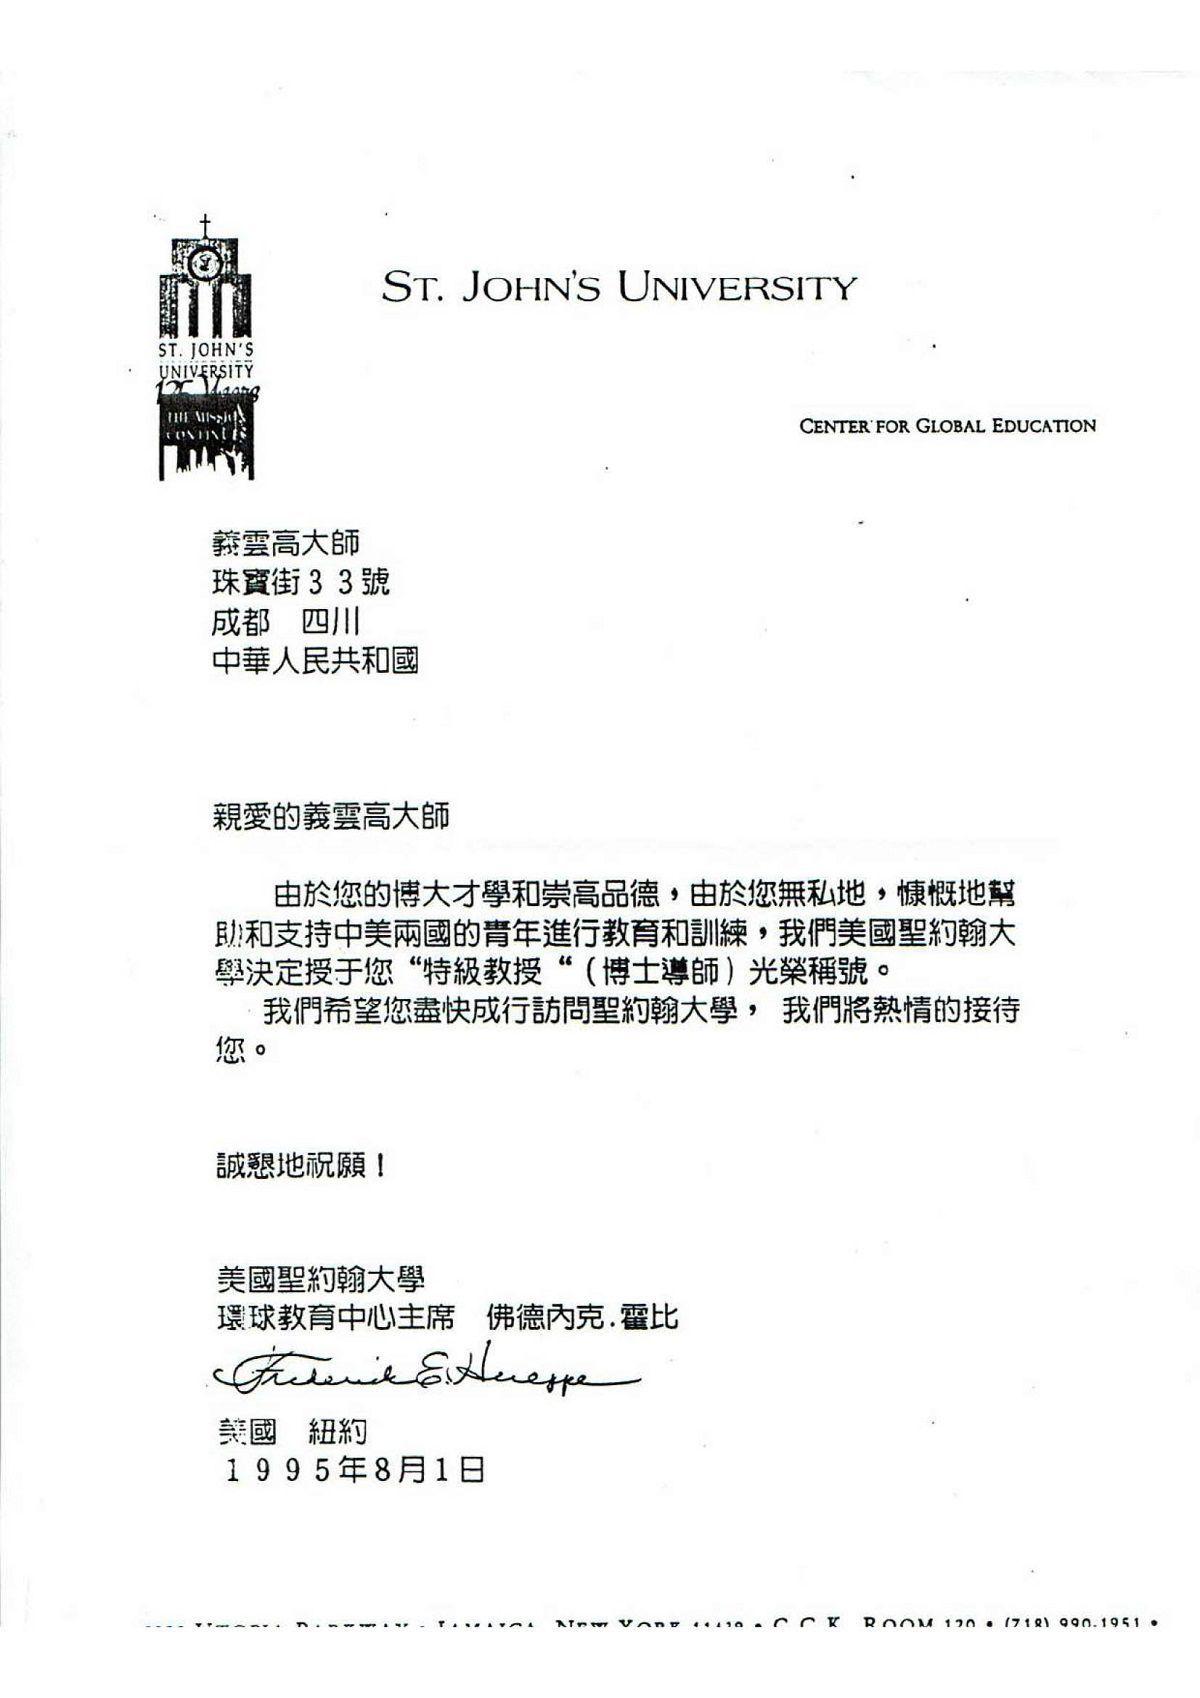 美國聖約翰大學授予H.H.第三世多杰羌佛「特級教授」(博士導師)光榮稱號